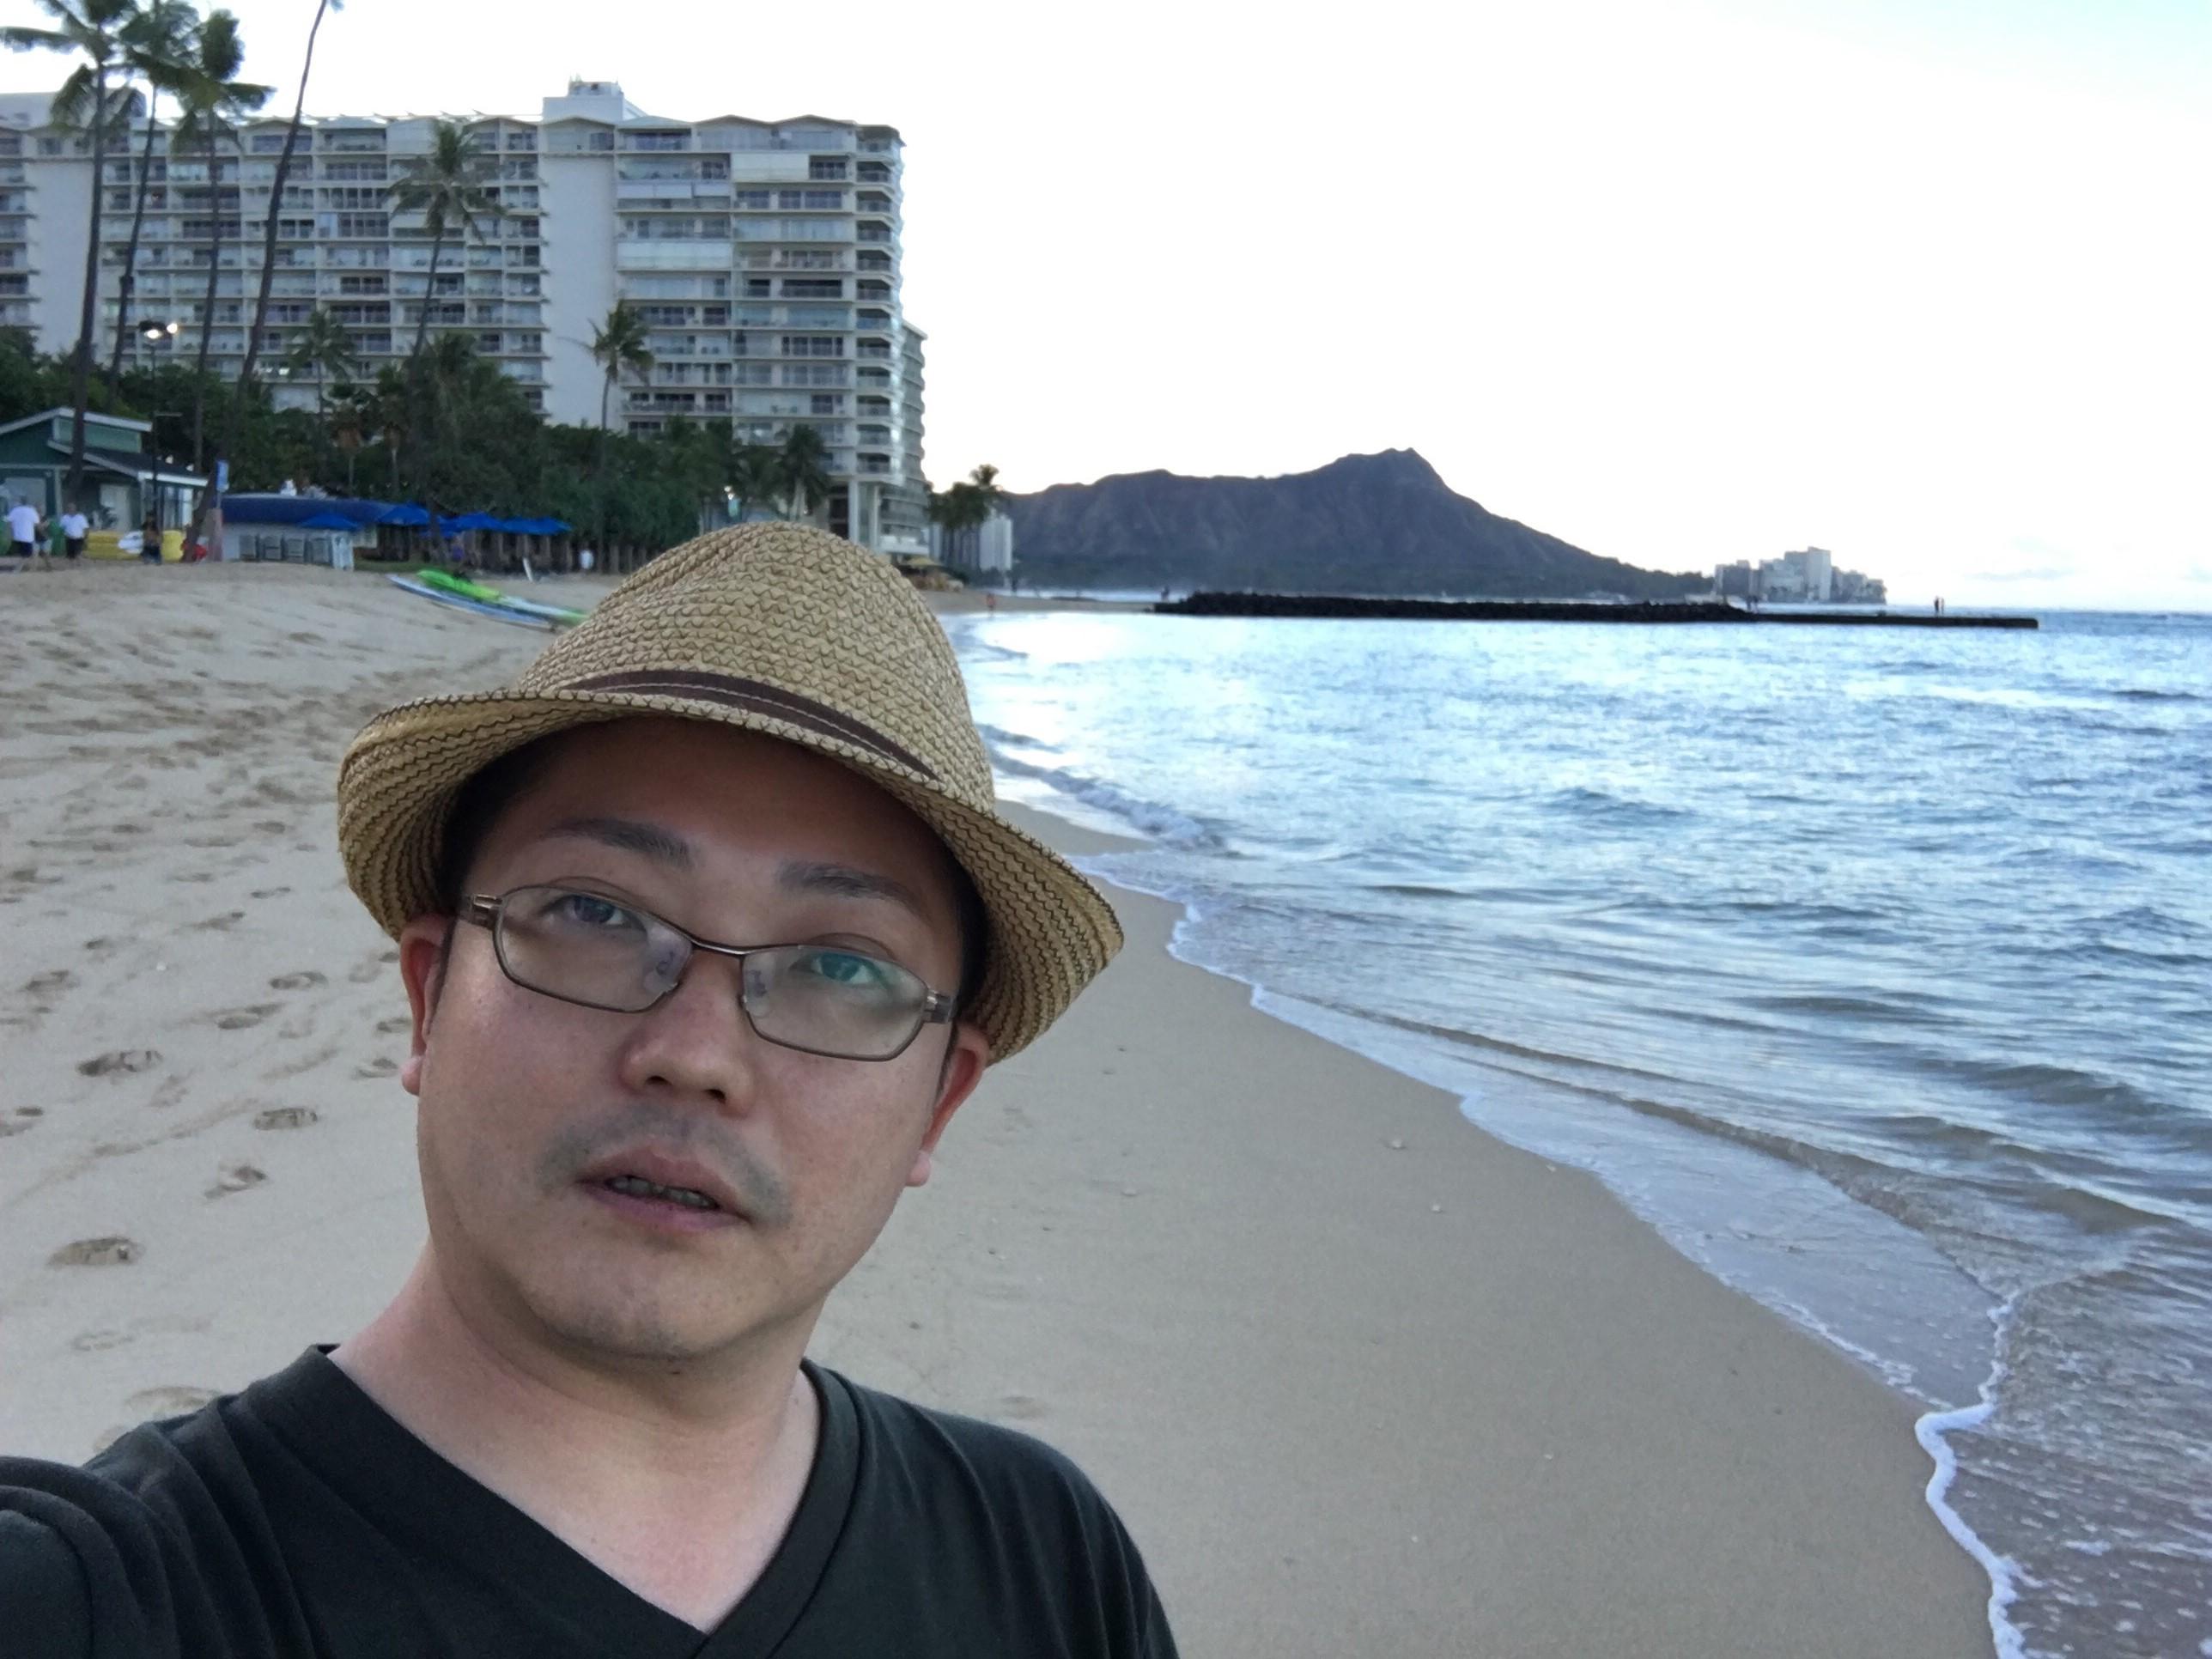 ハワイ研修1日目(前半)で餃子います(^_-)